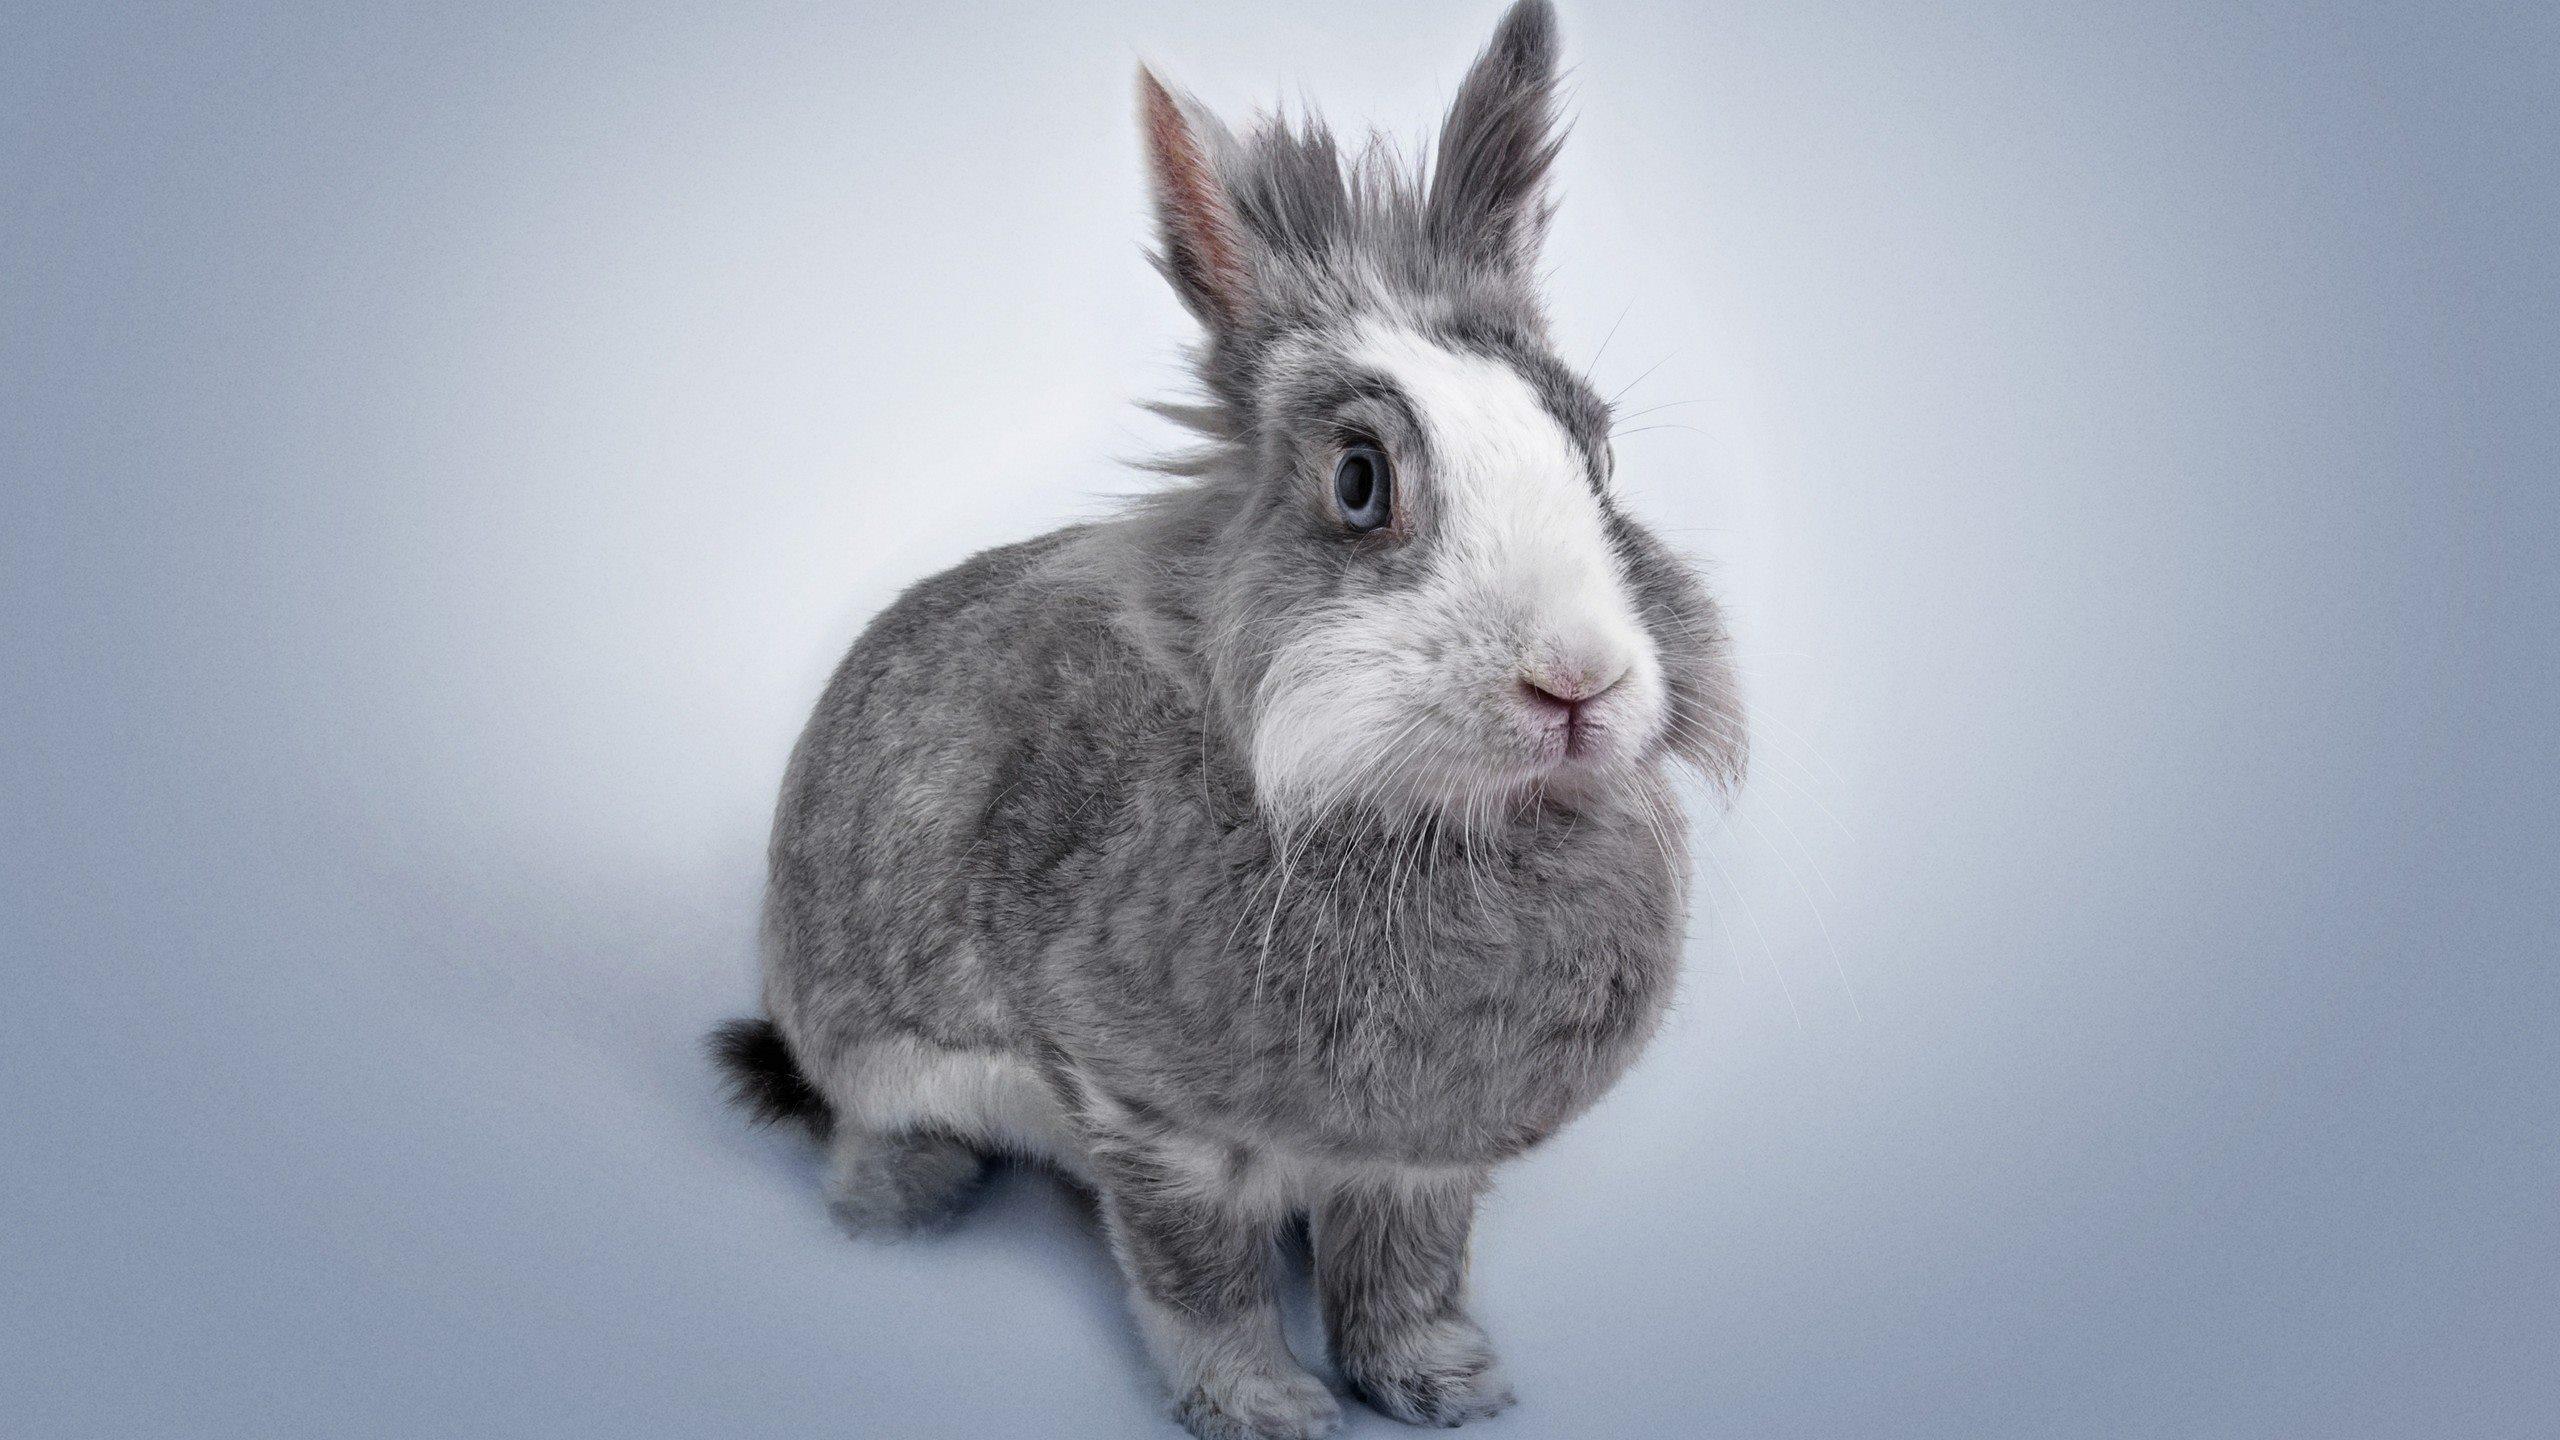 萌宠动物,卖萌图,兔子,灰兔,可爱